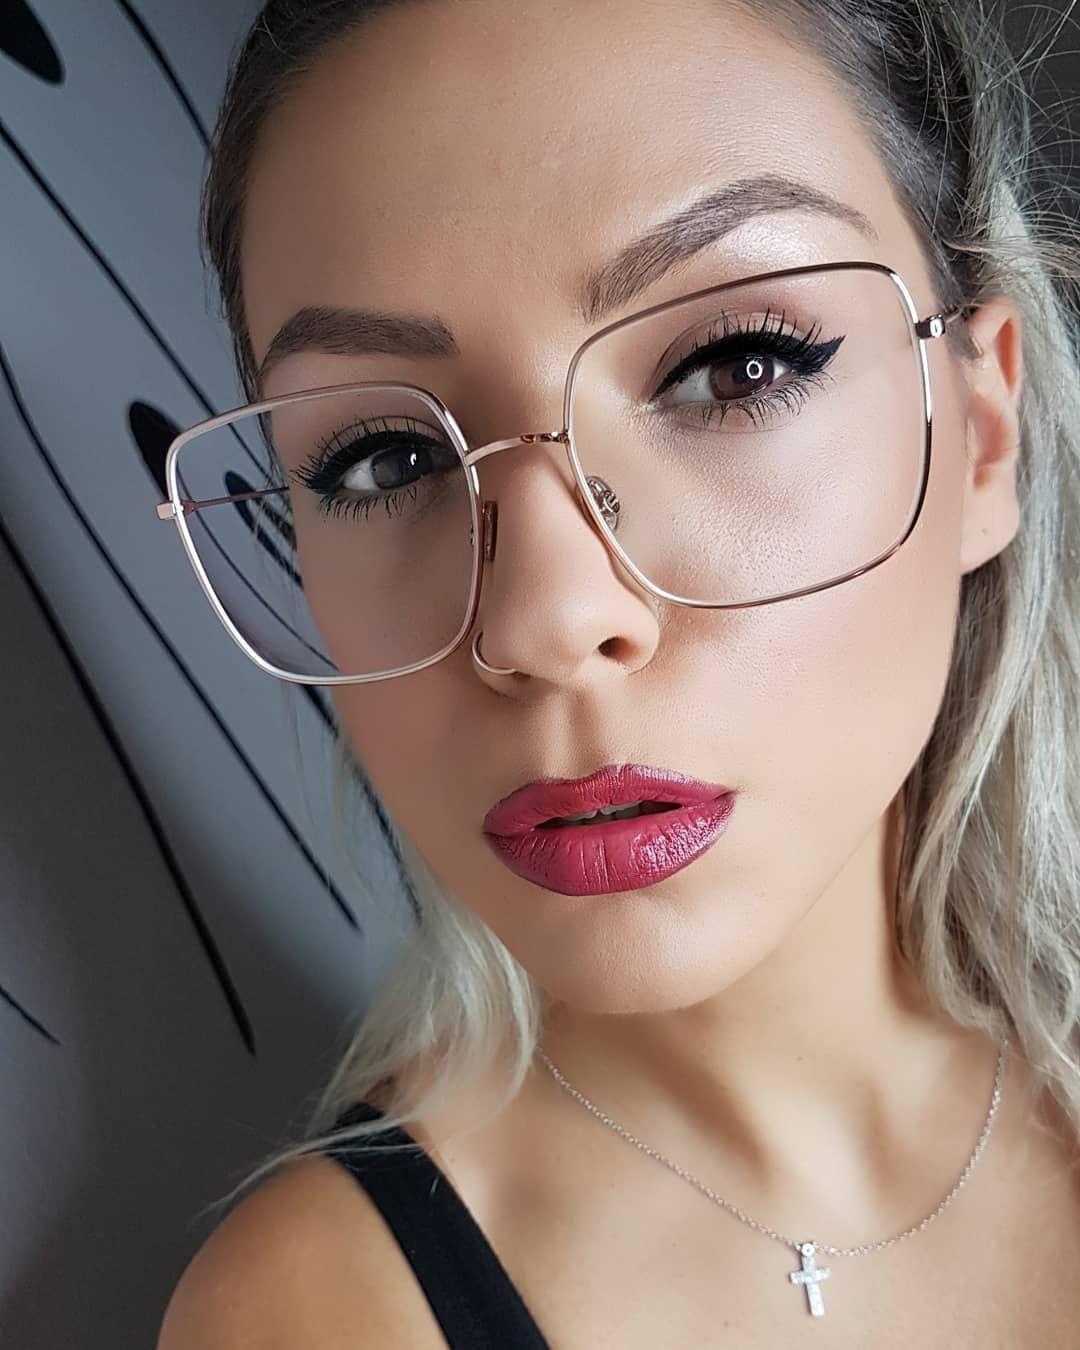 6a663ae22269c Eles se tornaram itens que complementam o look. Porém, muita gente ainda  tem dúvida sobre maquiagem para quem usa óculos. Confira